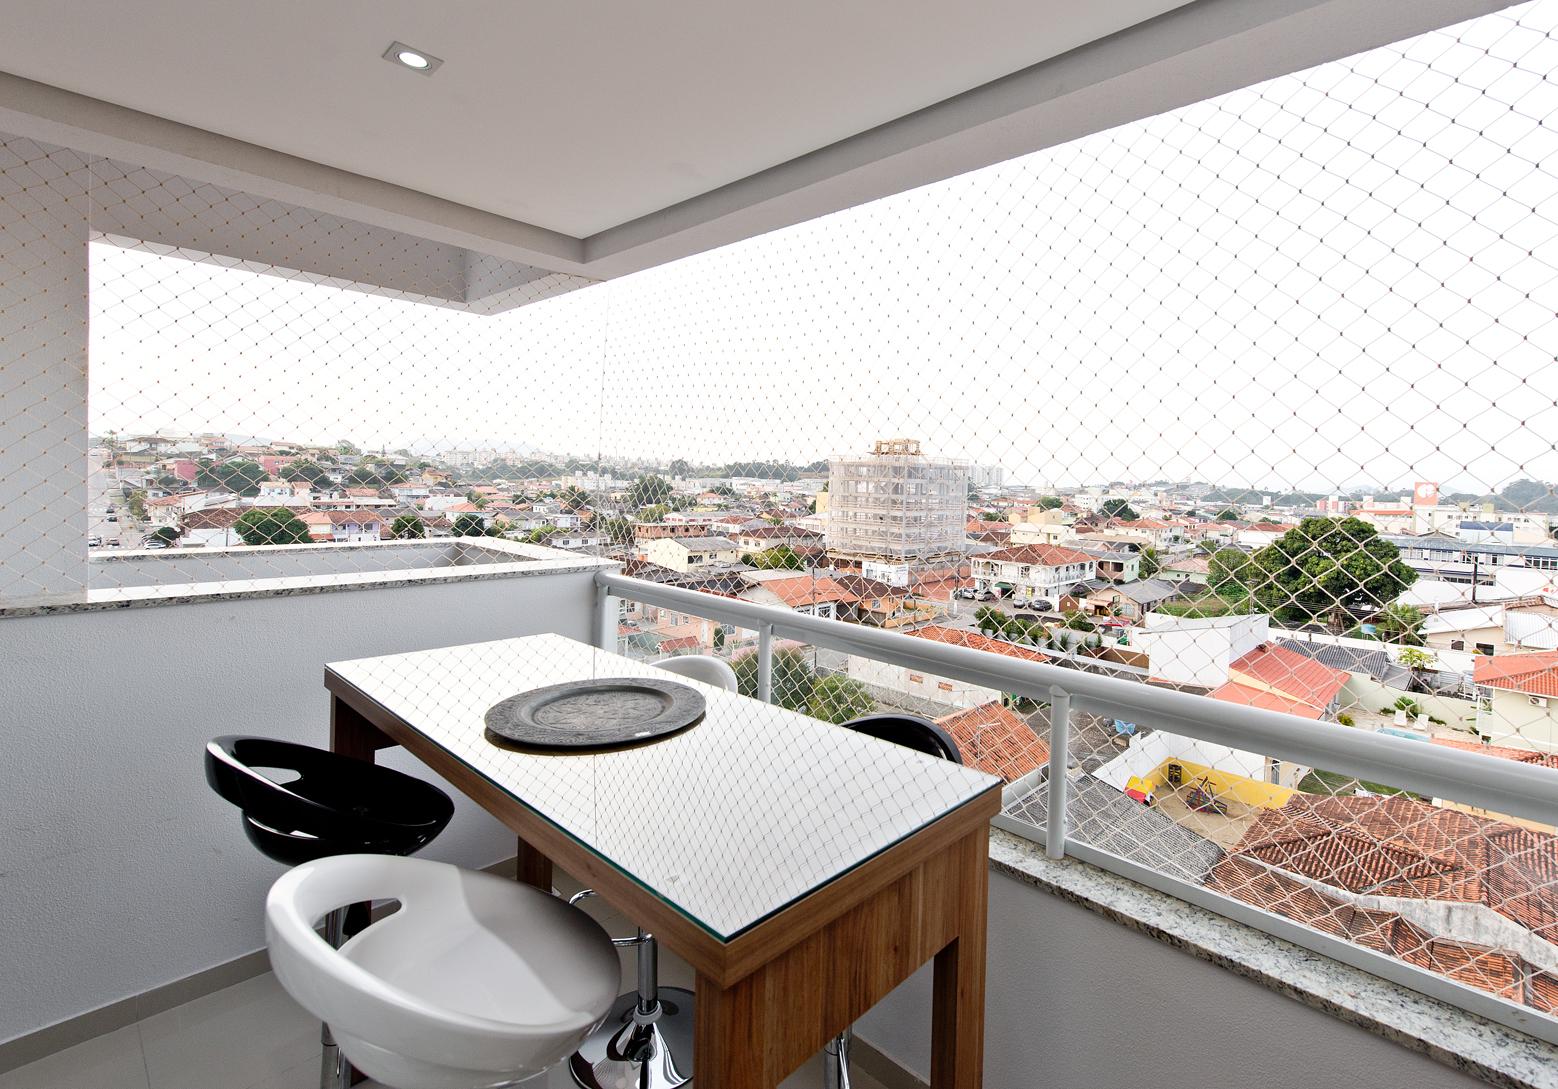 Mendonca Pinheiro Interiores_ Apartamento J&R (30)